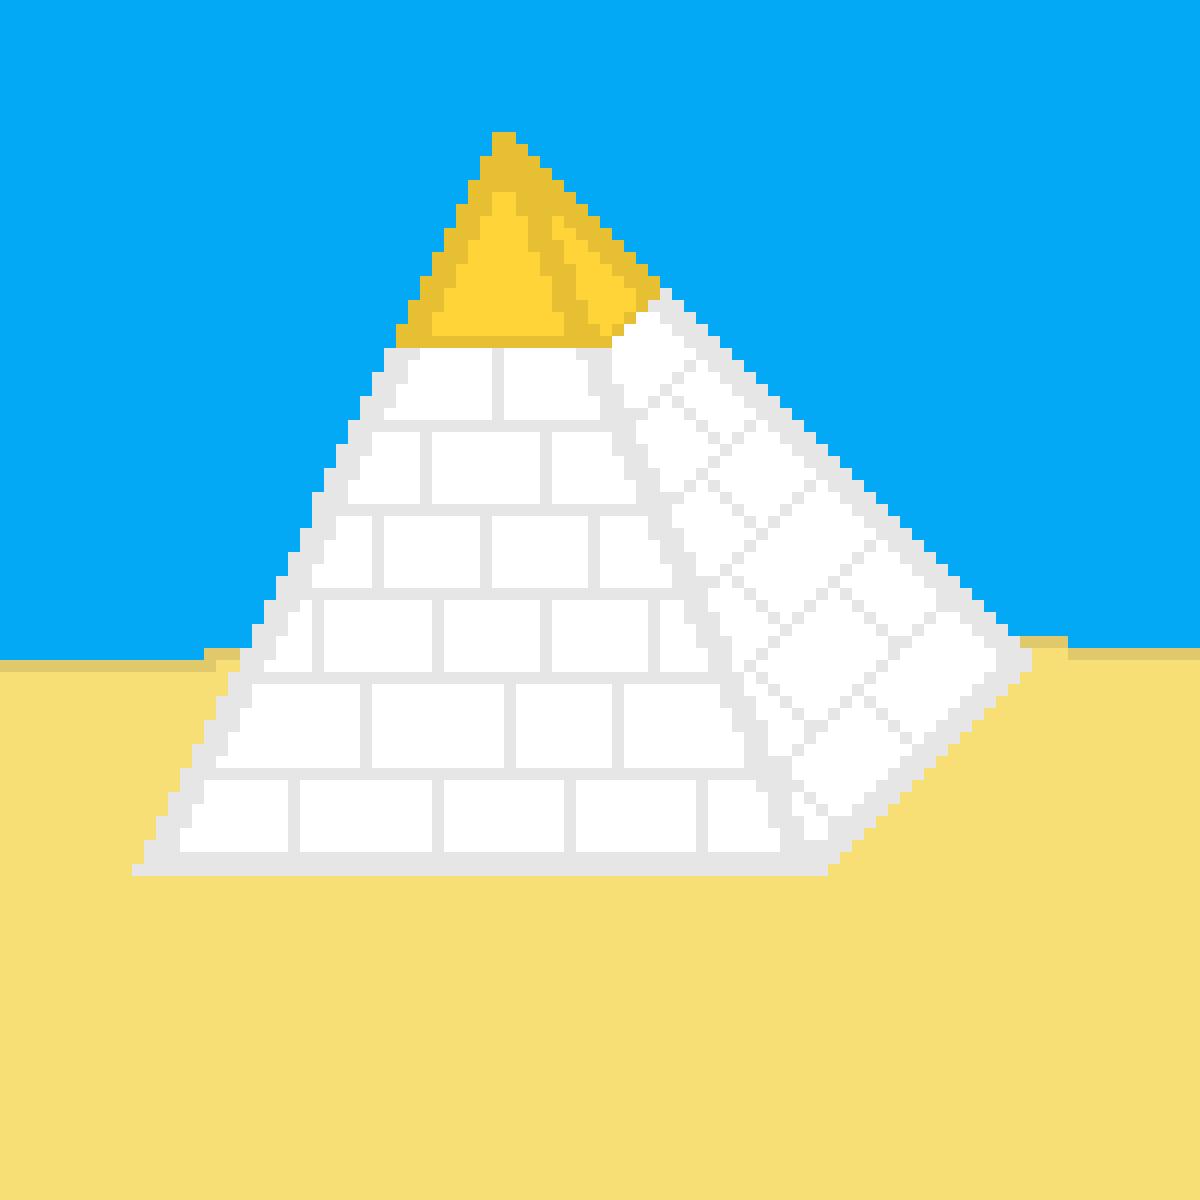 Pyramid by BookDragon